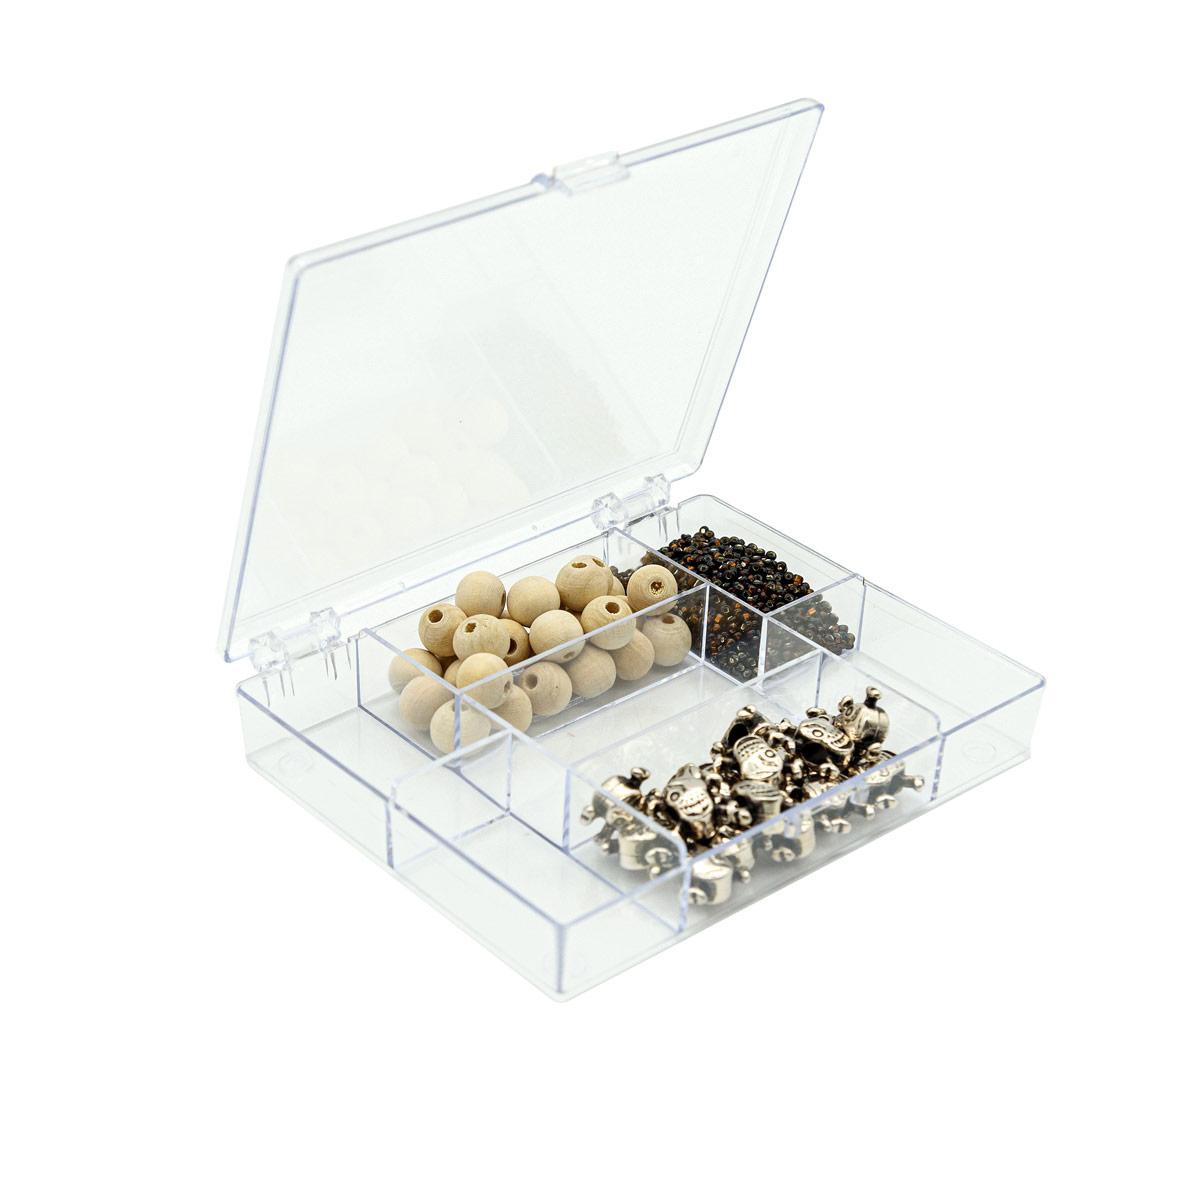 Органайзер для хранения мелочей 930520, с 7 отделениями, 11,8х9,1х2,1 см, Hobby&Pro